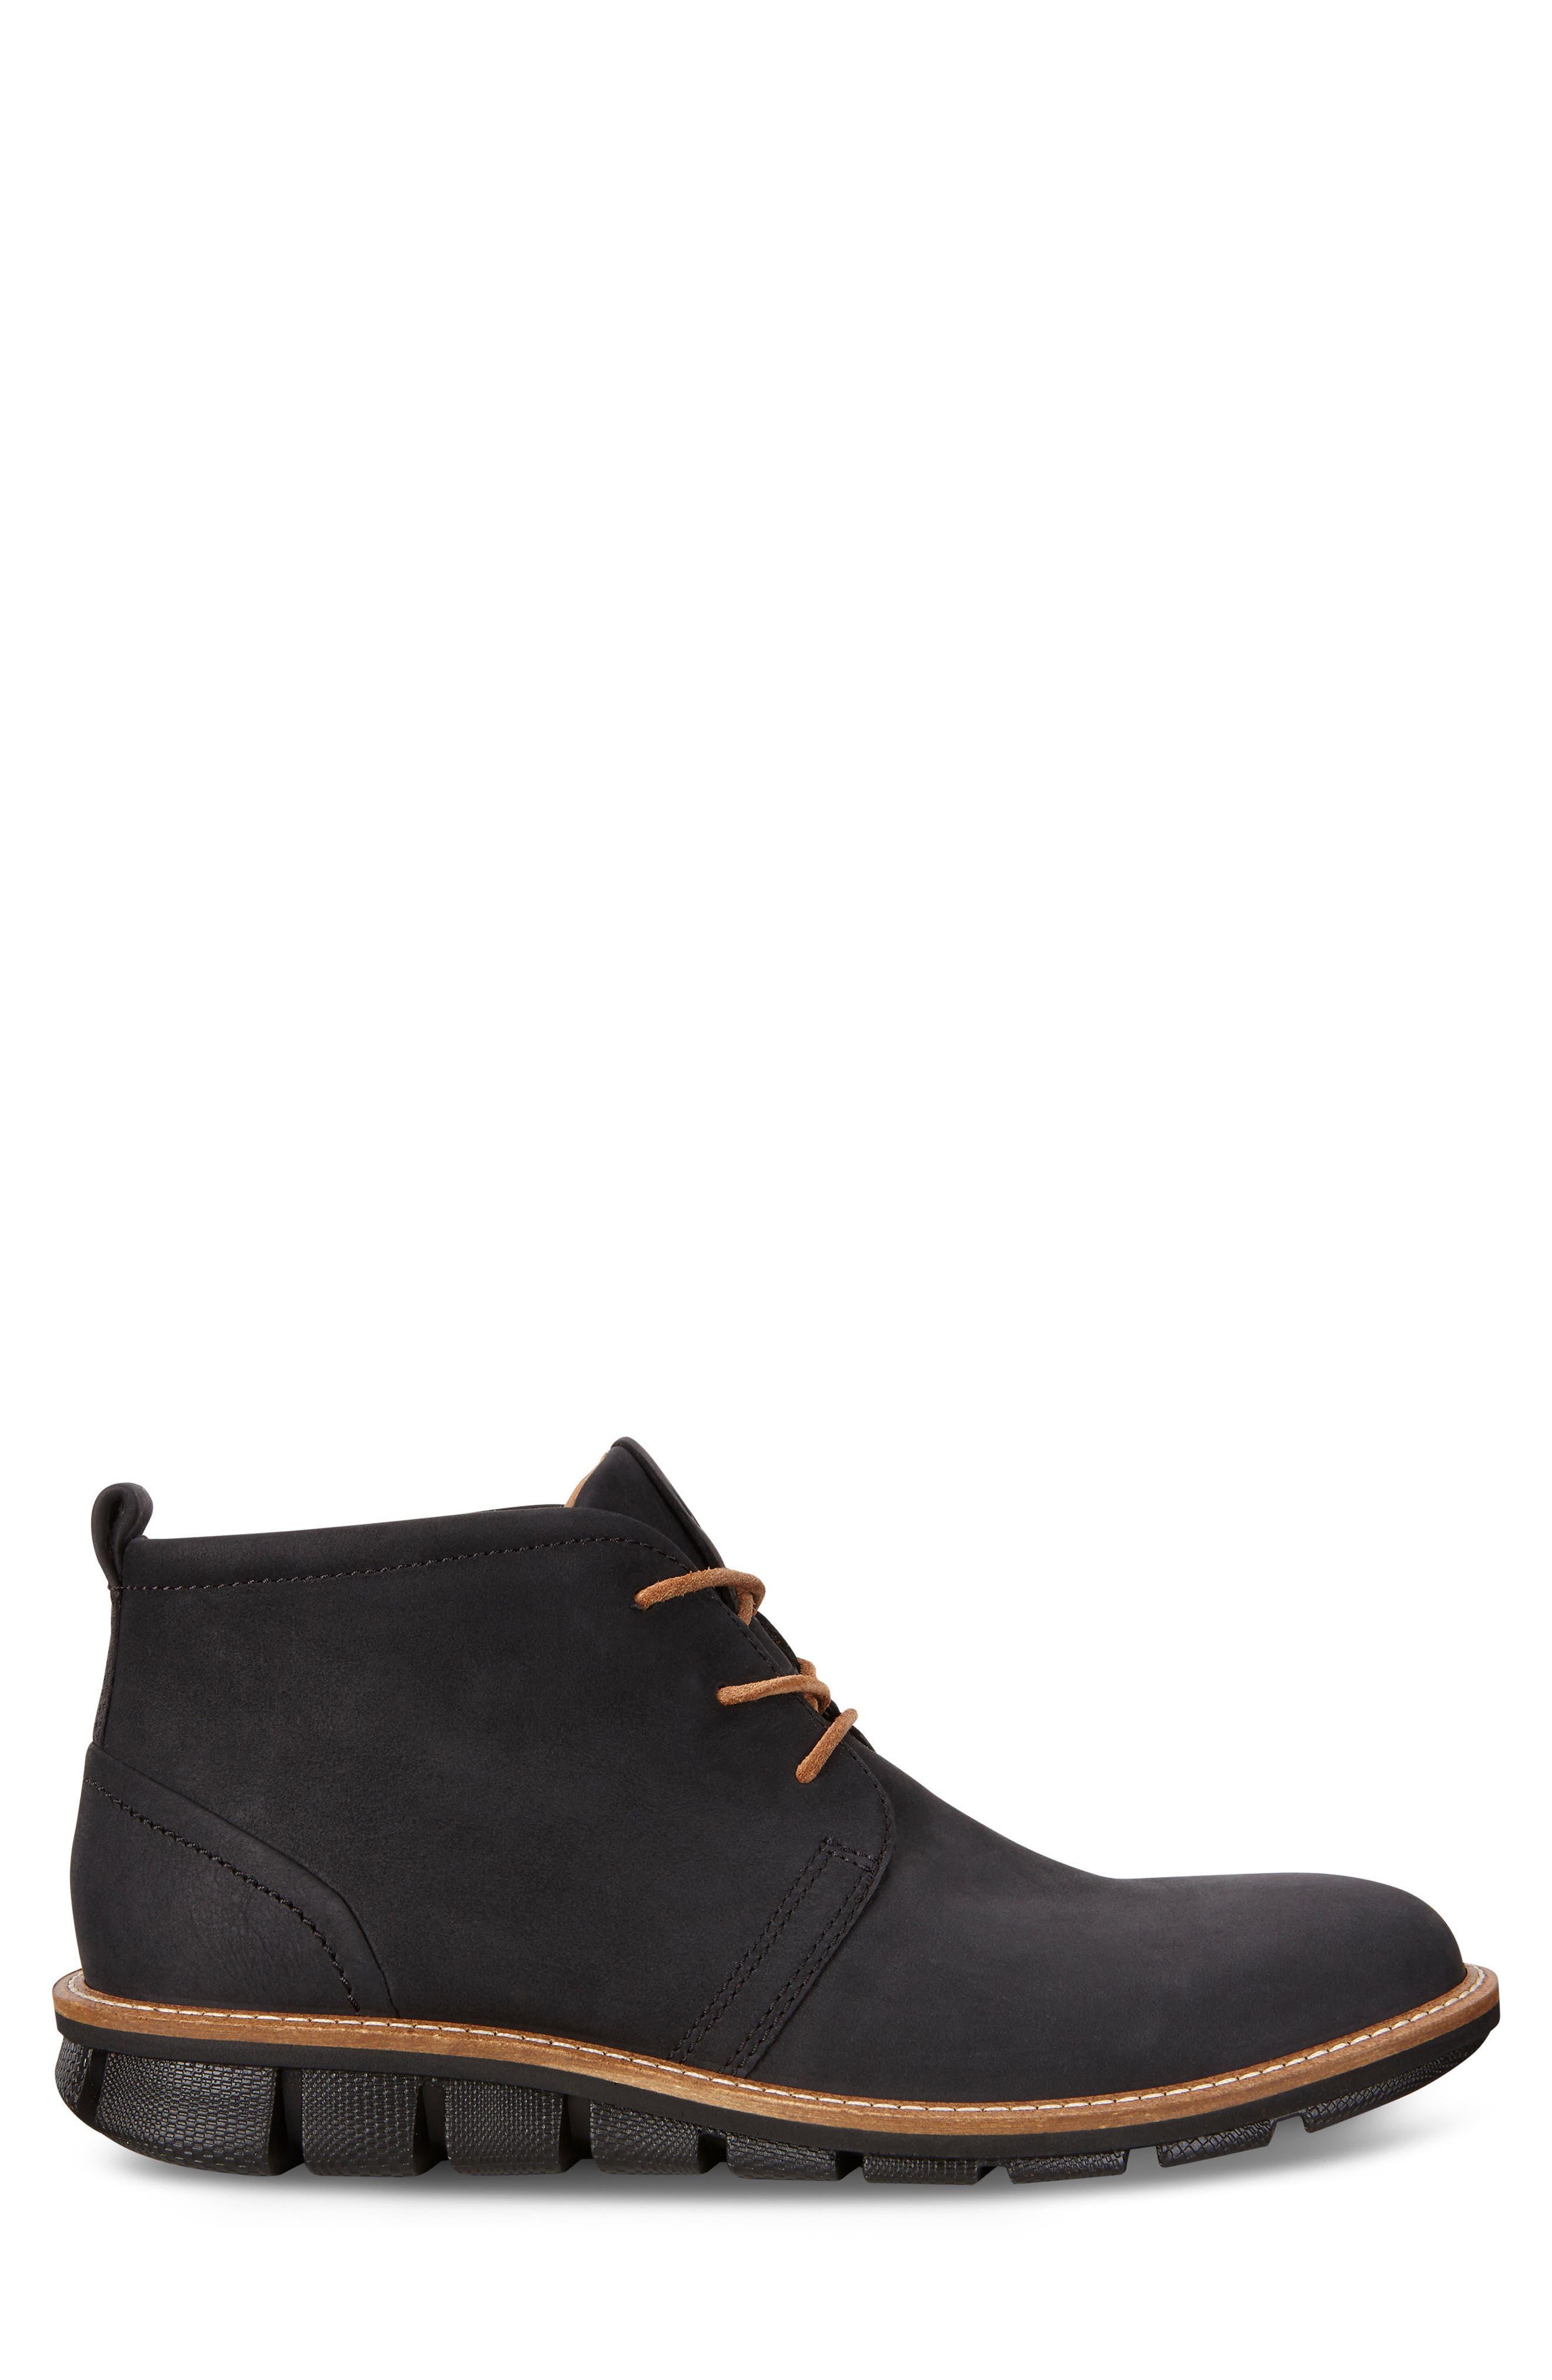 'Jeremy Hybrid' Plain Toe Boot,                             Alternate thumbnail 2, color,                             BLACK LEATHER